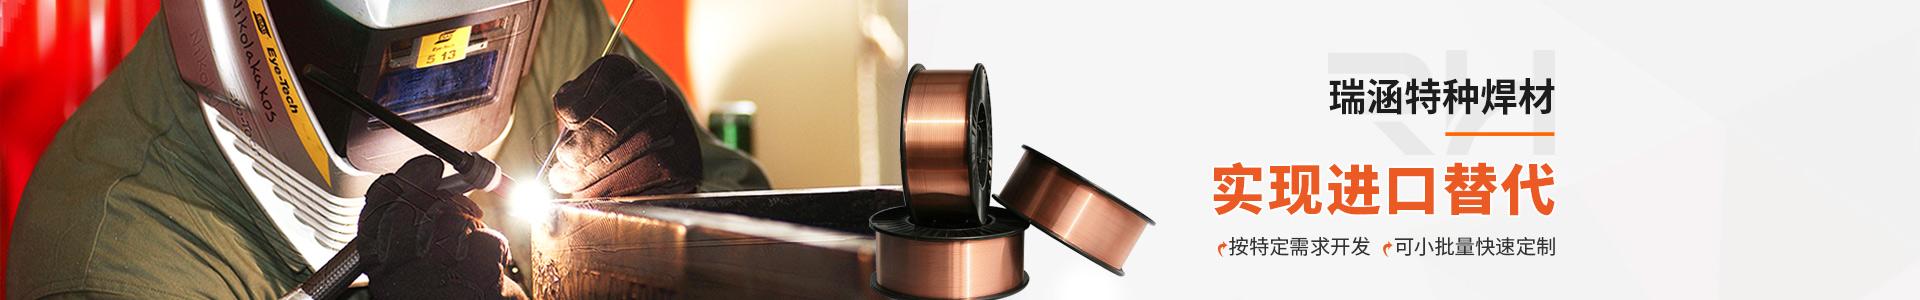 瑞涵特种焊材实现进口替代